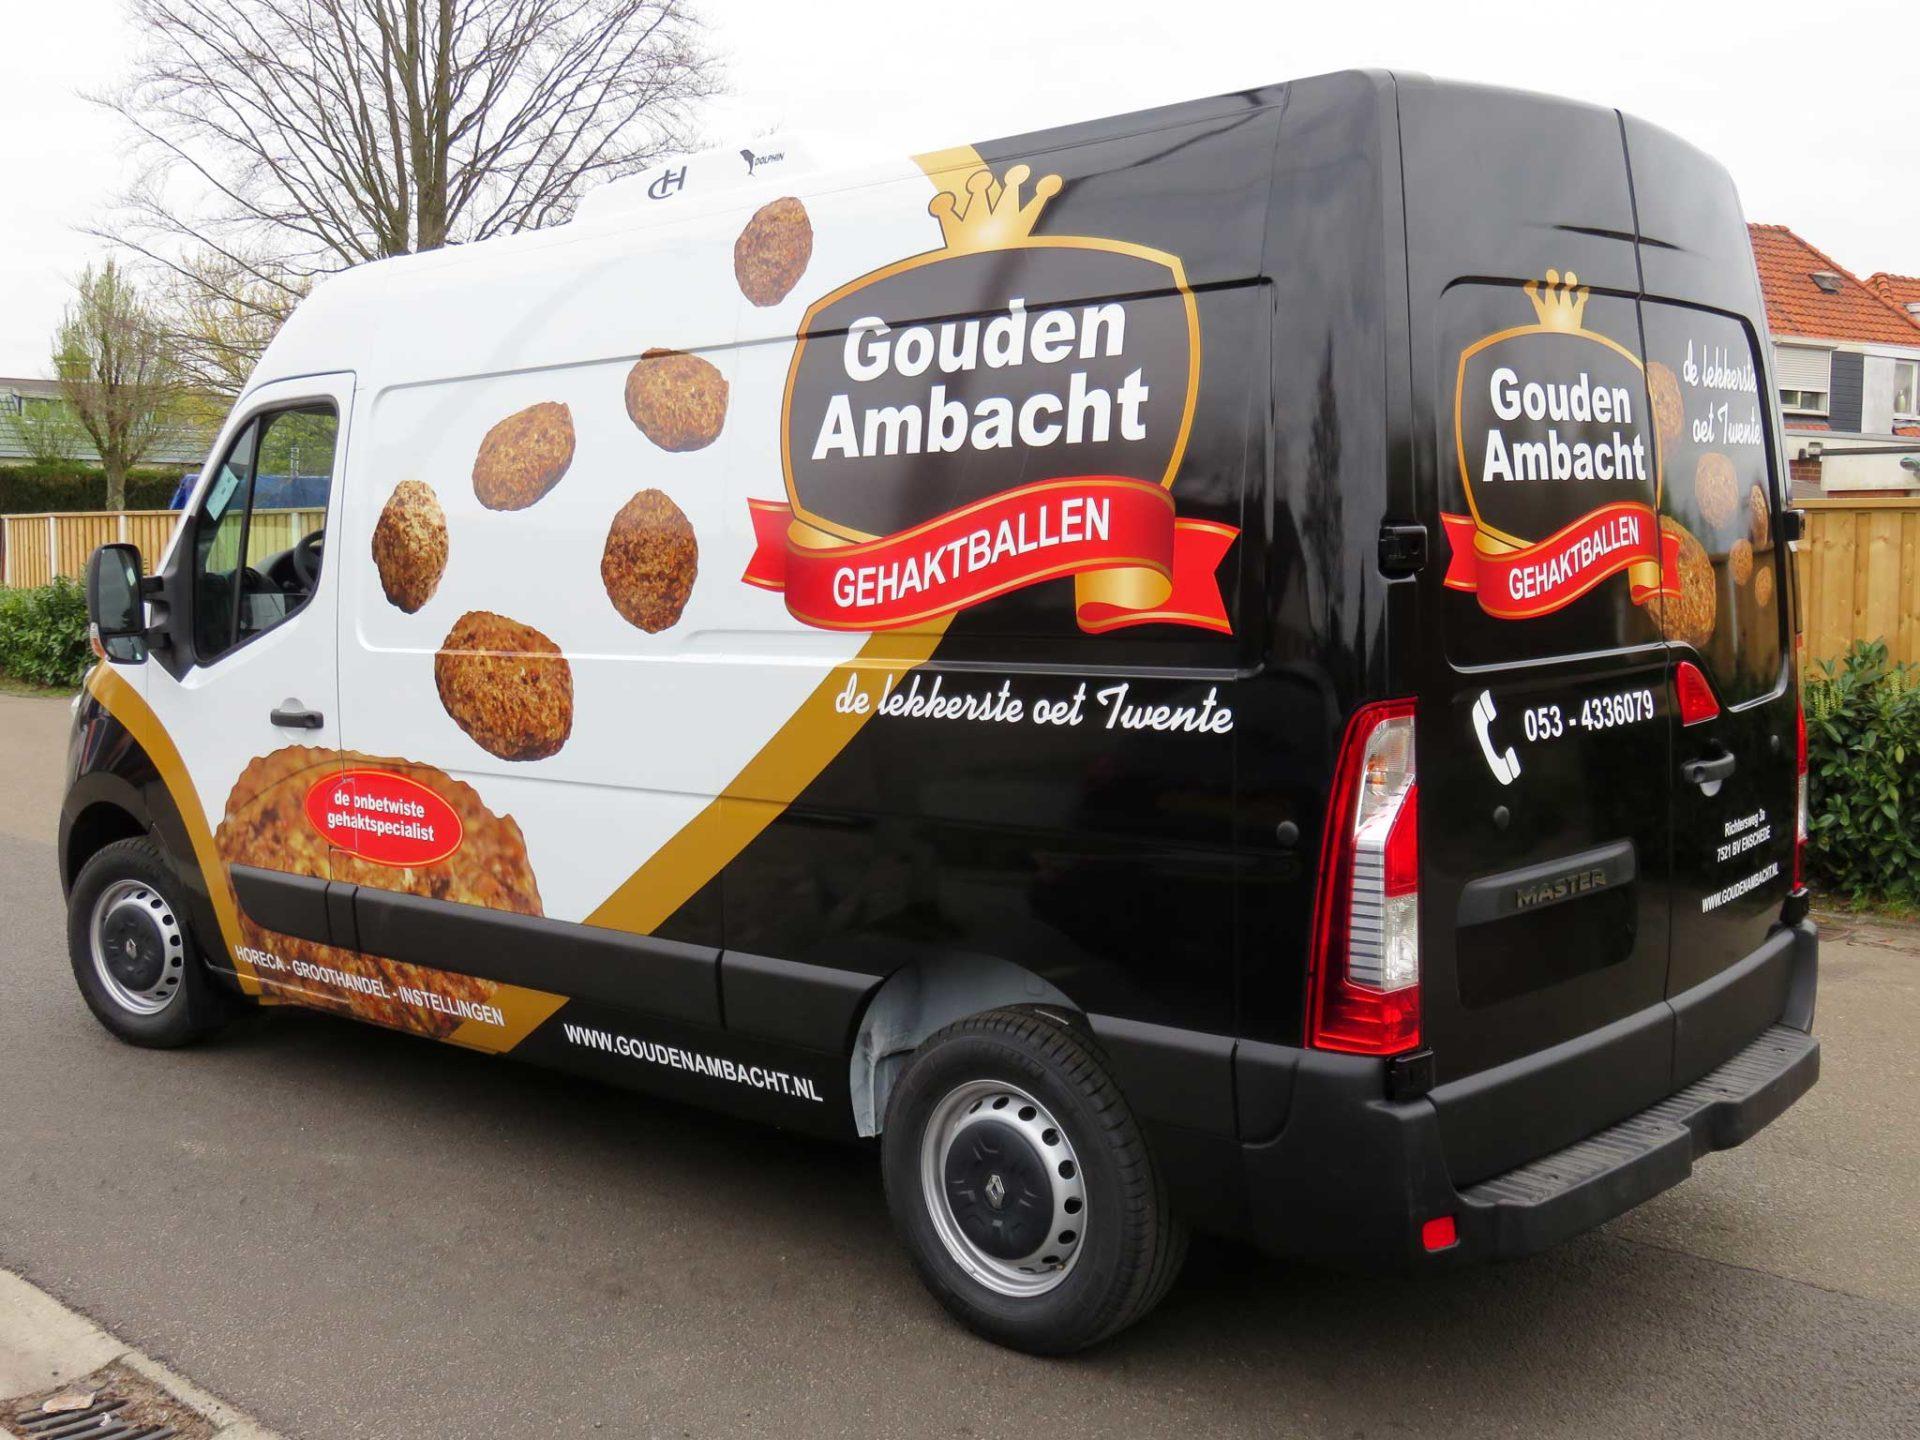 Bedrijfsbus - Gouden Ambacht Gehaktballen